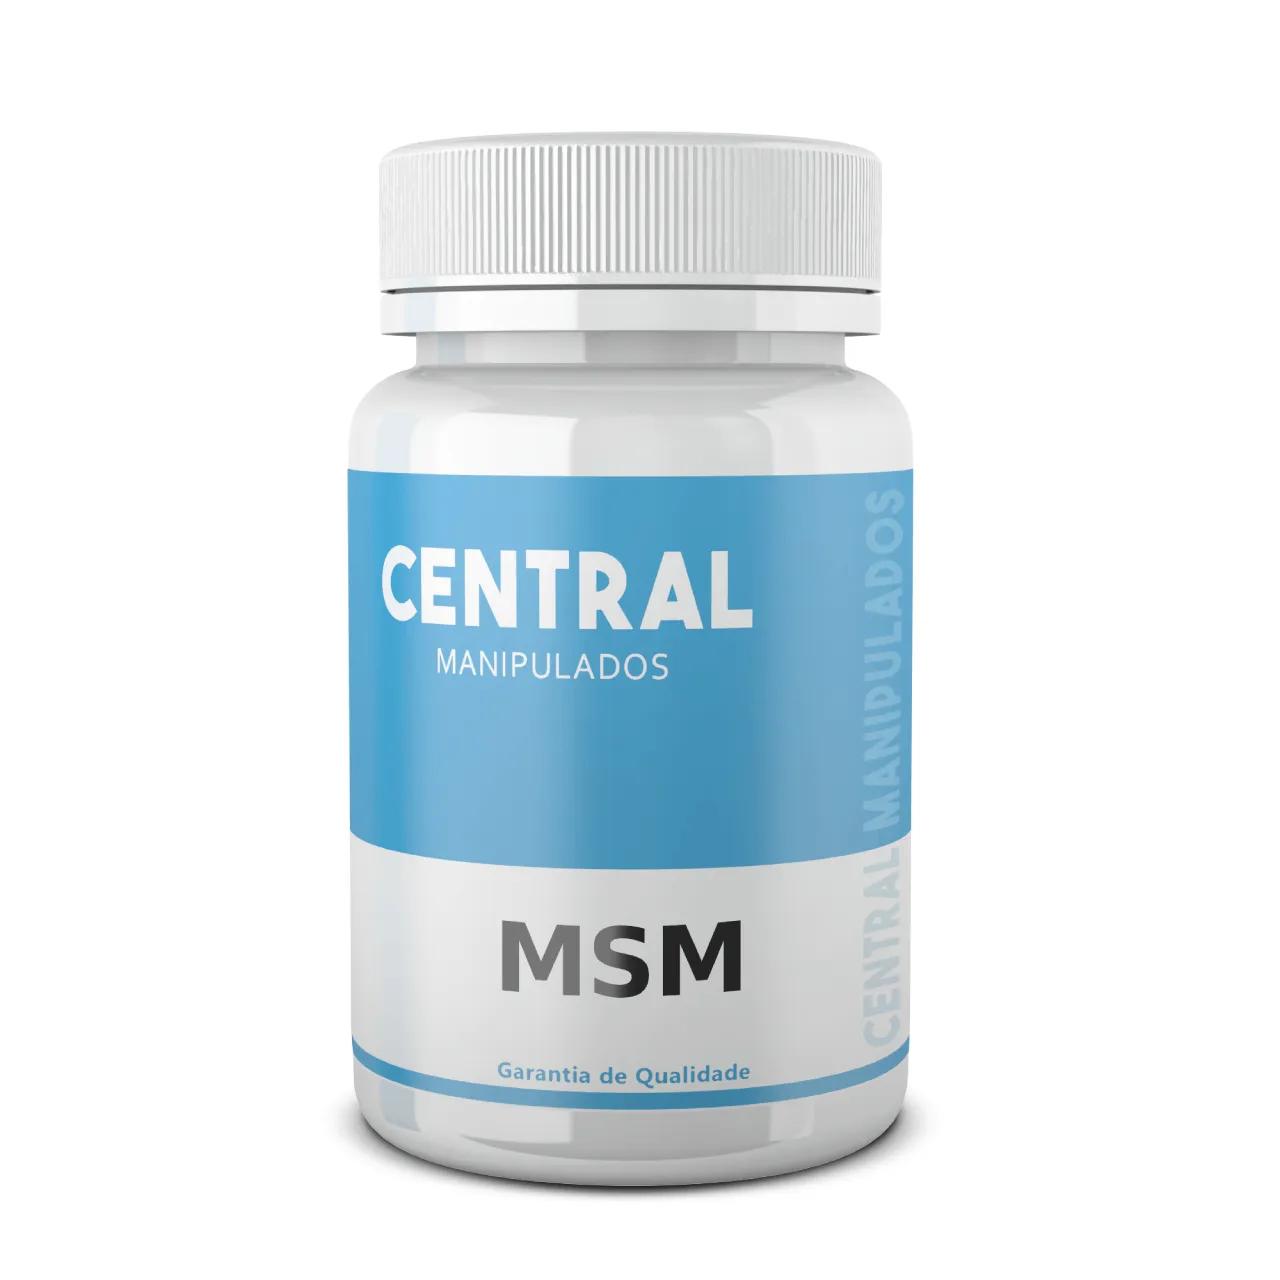 MSM 500mg - 60 cápsulas - forma natural de enxofre orgânico - Para cabelos e unhas fracos e quebradiços, Celulite, estrias, rugas e pele grossa